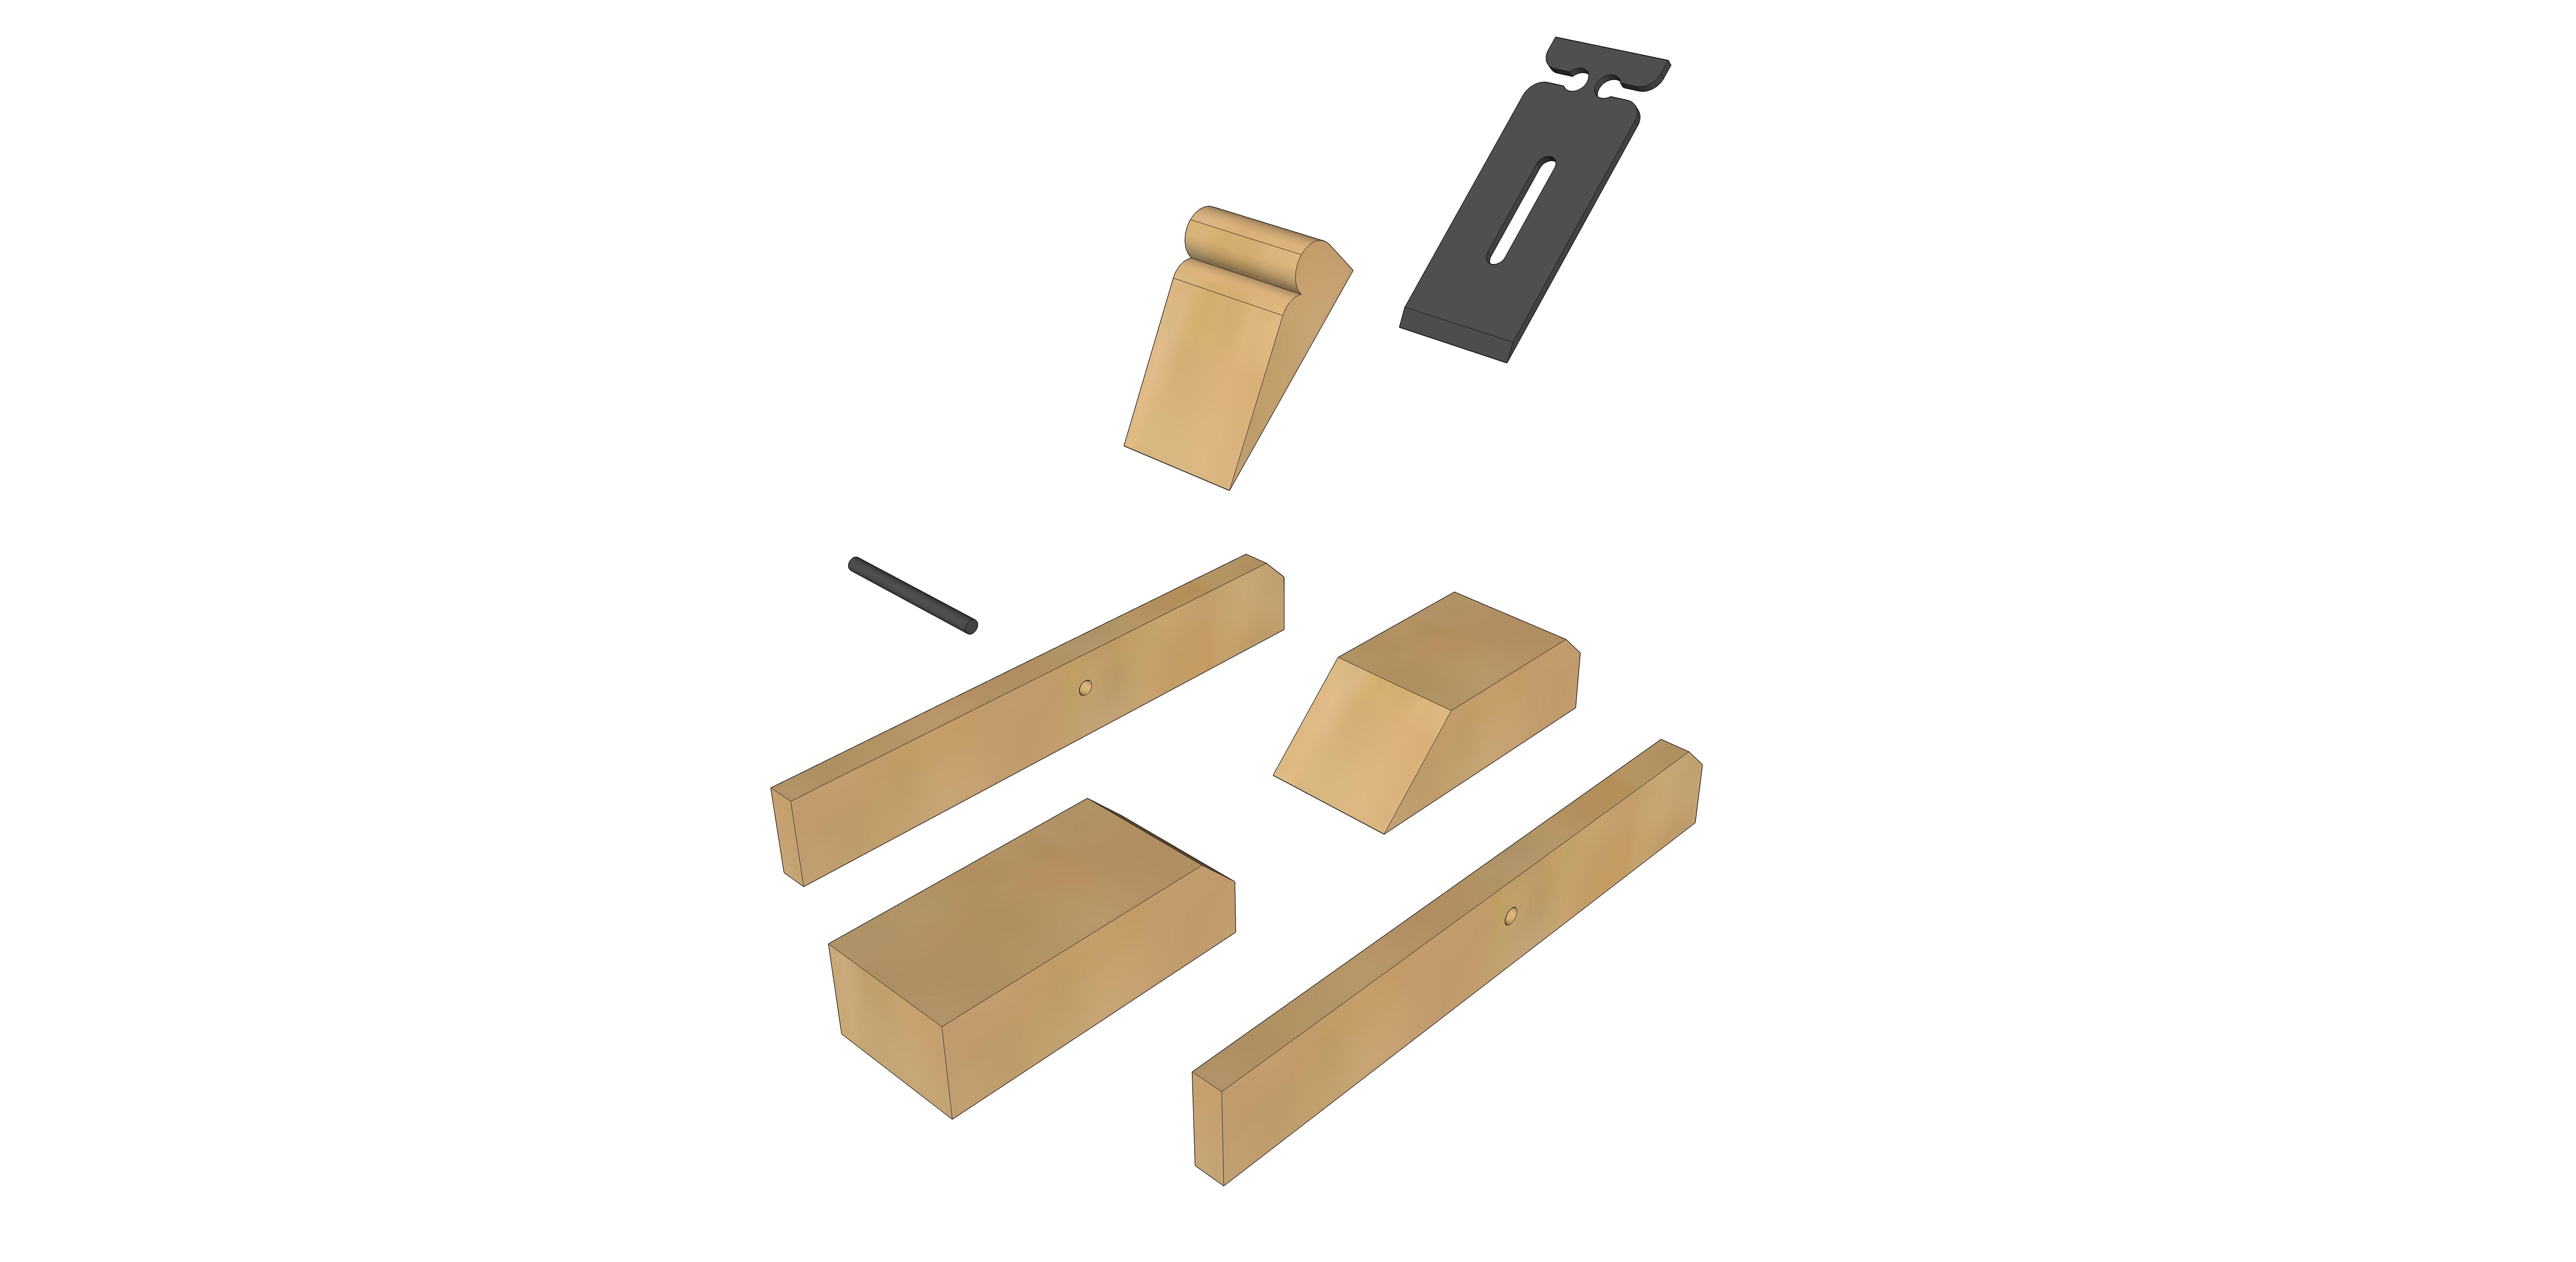 Ogni mese un pezzo per costruire DIY 4 strumenti indispensabili in falegnameria: La pialla giapponese, il truschino, la squadra e la falsa squadra